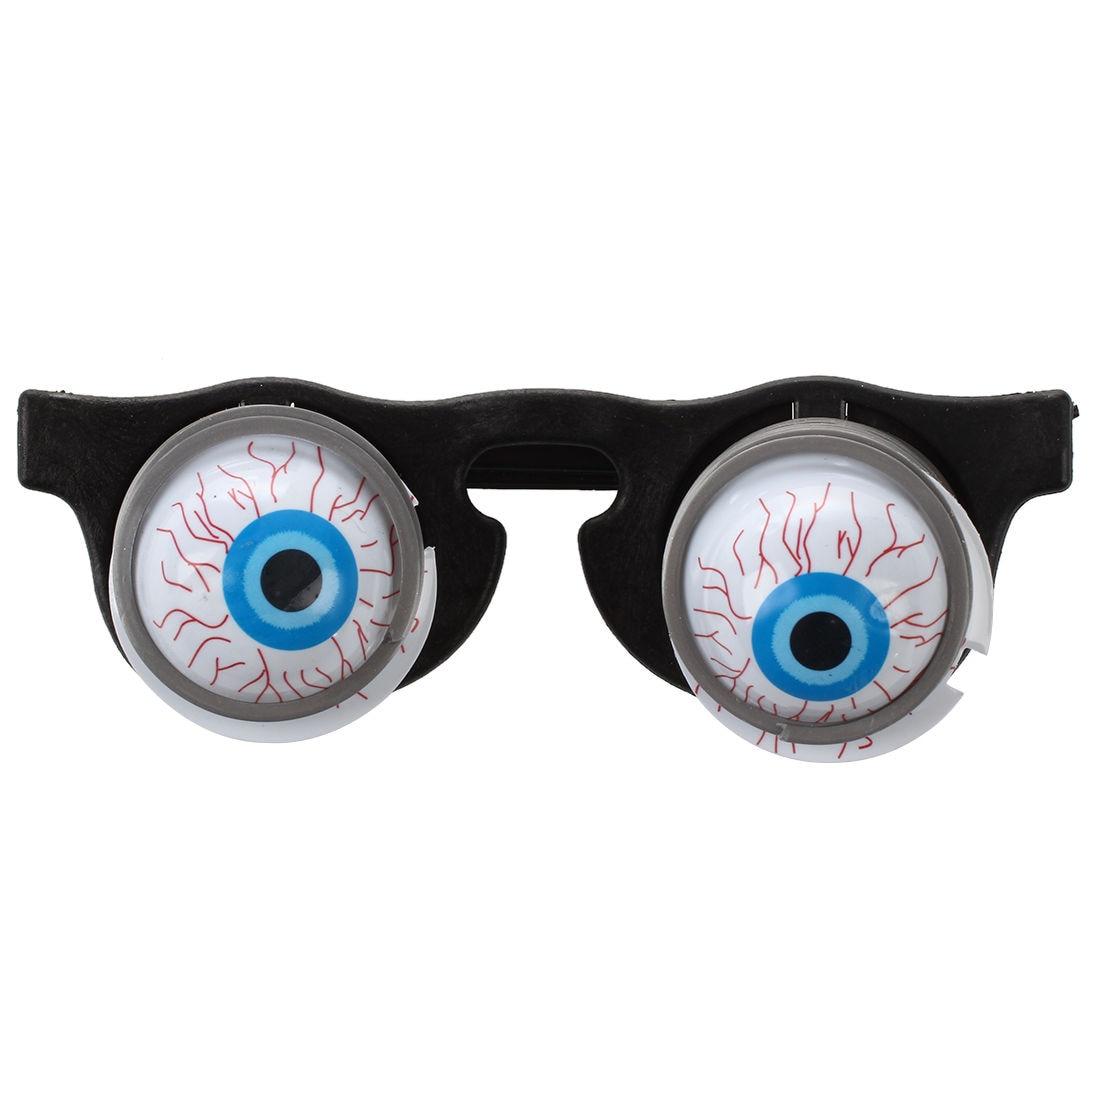 Горячая распродажа хэллоуин карнавал вечерние Пластик шутка ужасы шок поп глаза очки игрушка ...